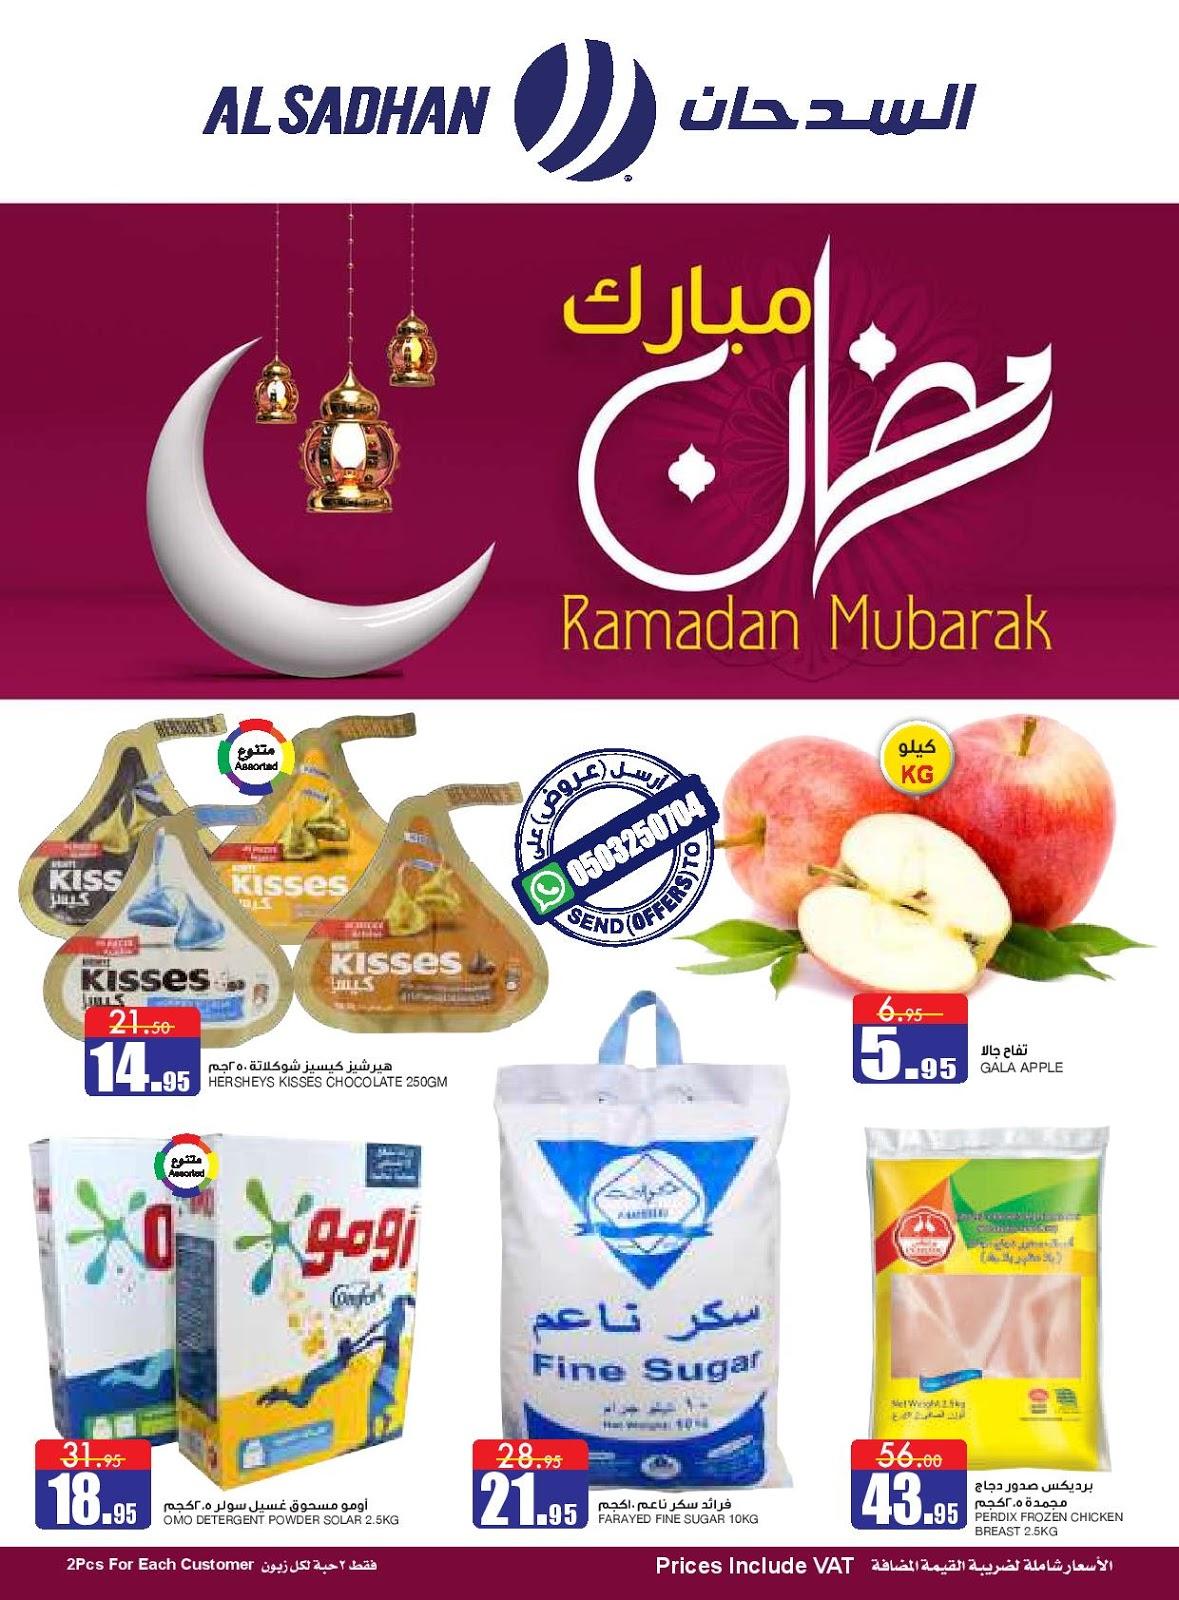 عروض السدحان السعودية اليوم 13 مايو حتى 19 مايو 2020 رمضان مبارك